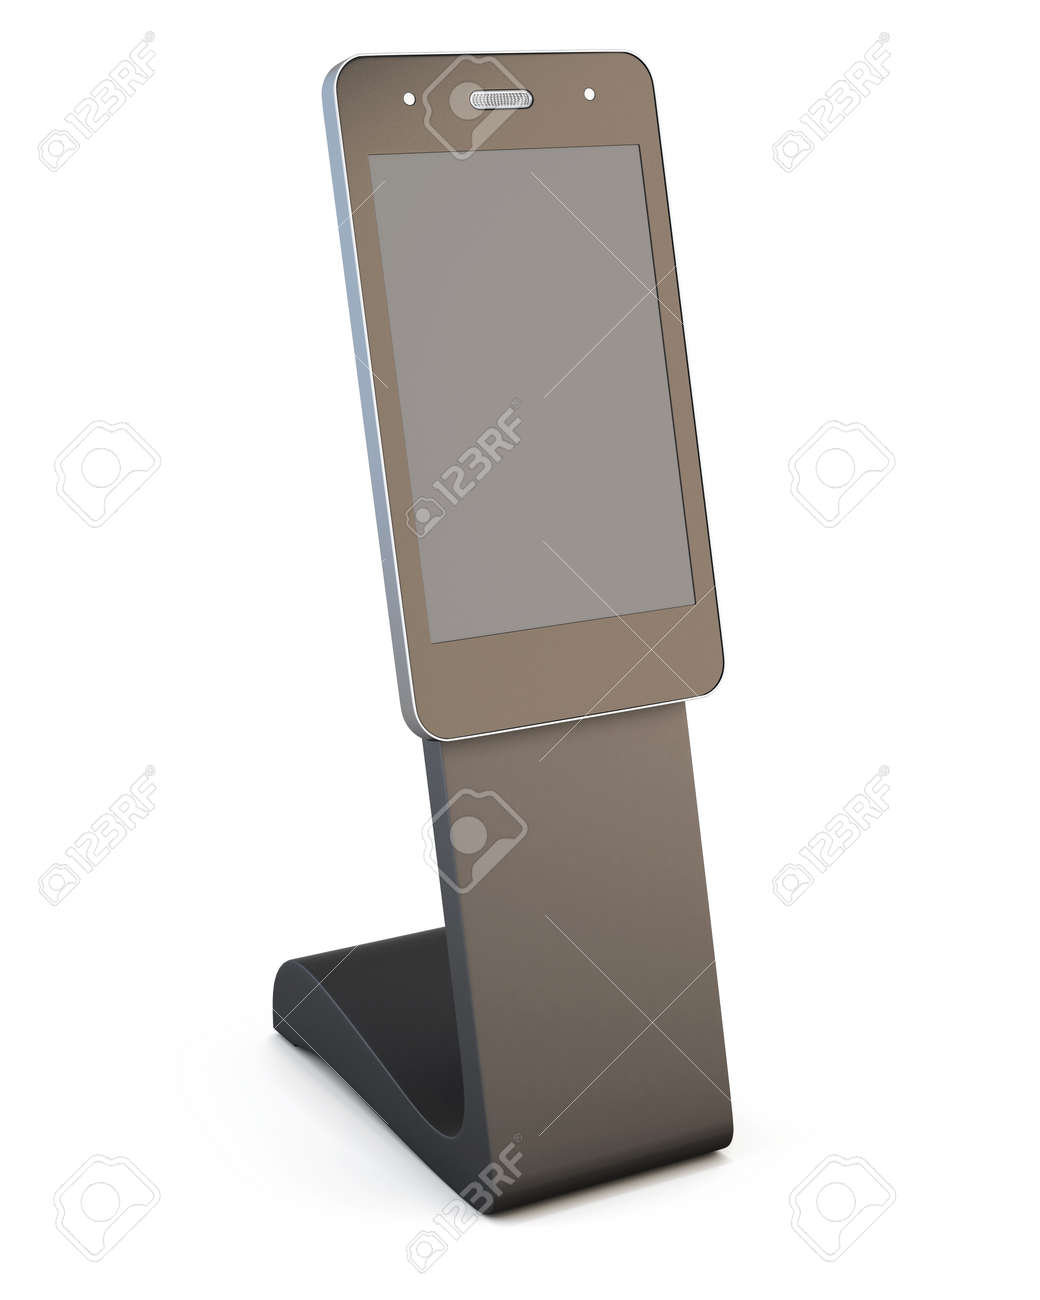 Immagini Stock Pubblicità Reception Informazioni Telefono Isolato